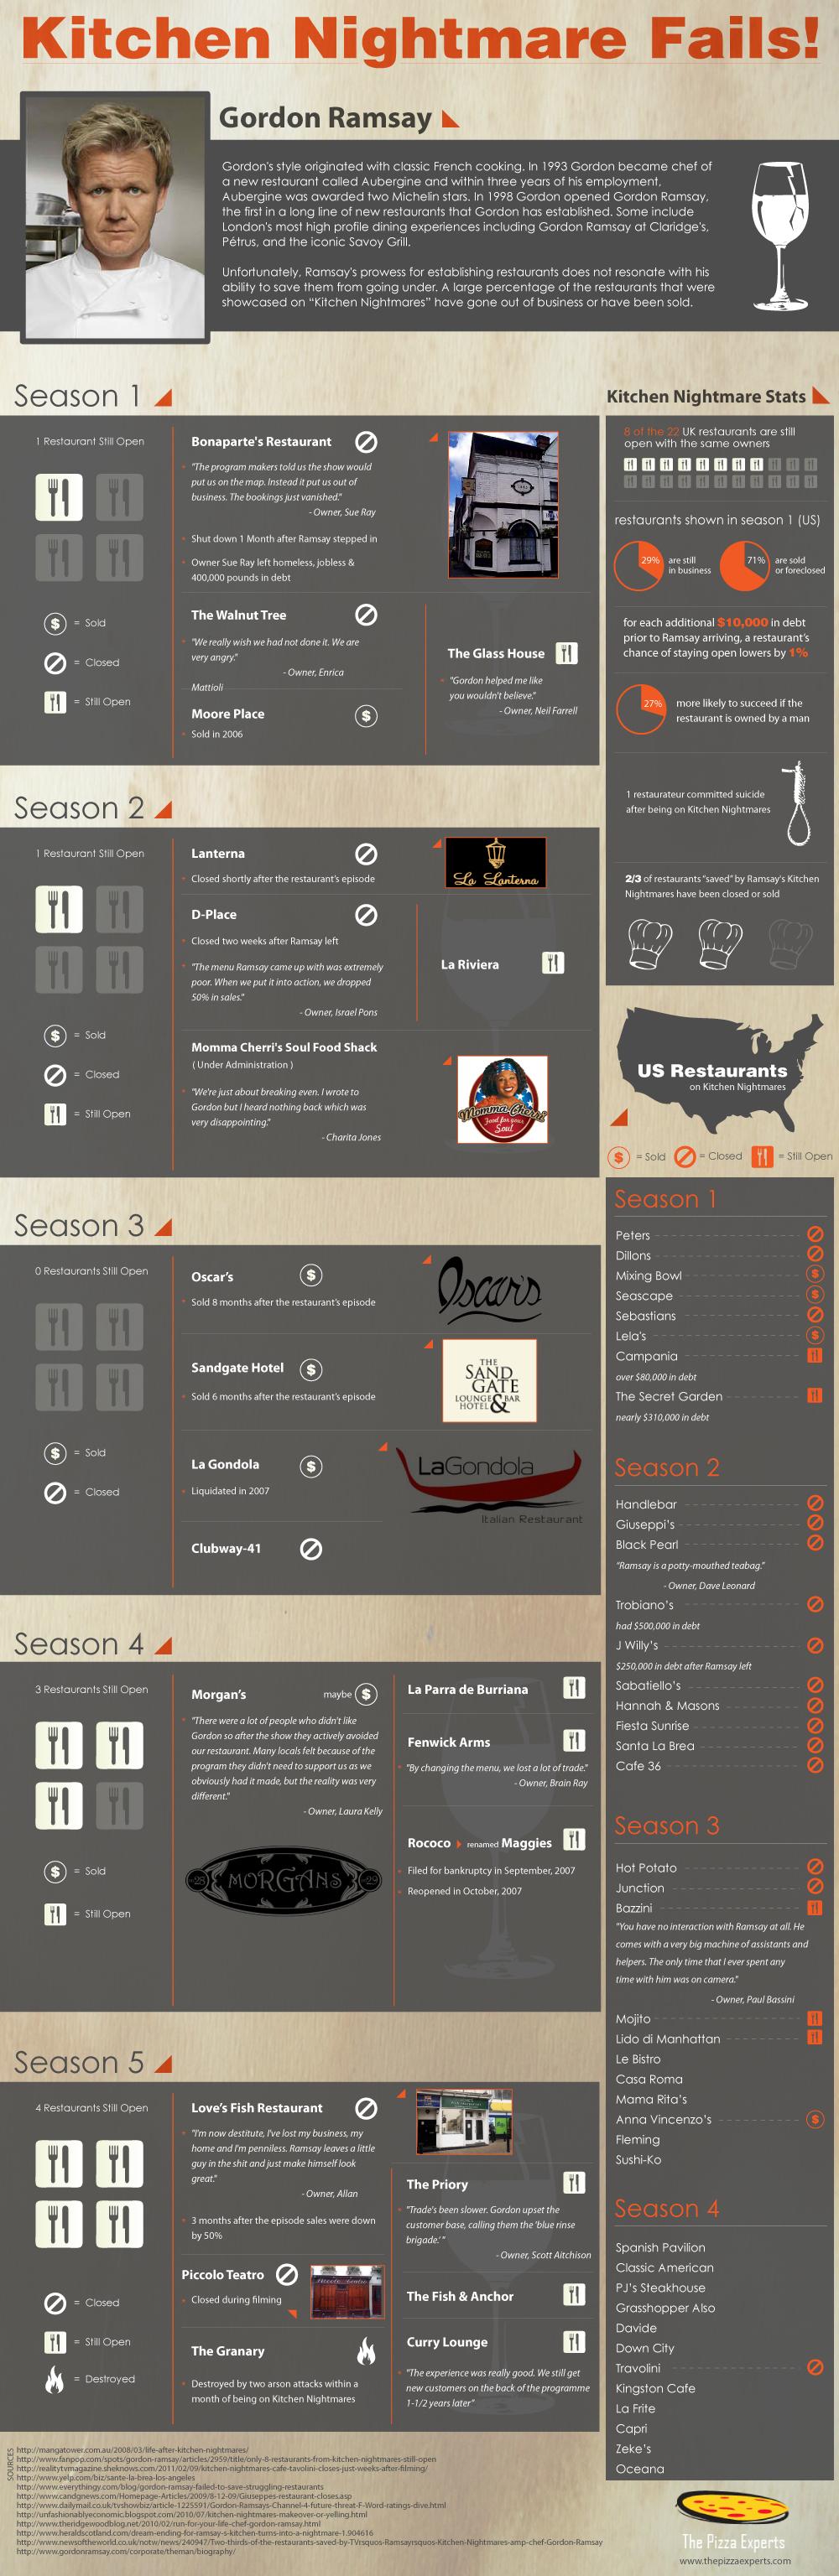 Kitchen Nightmares Fails Infographic Kitchen Nightmares Infographic Gordon Ramsay Kitchen Nightmares